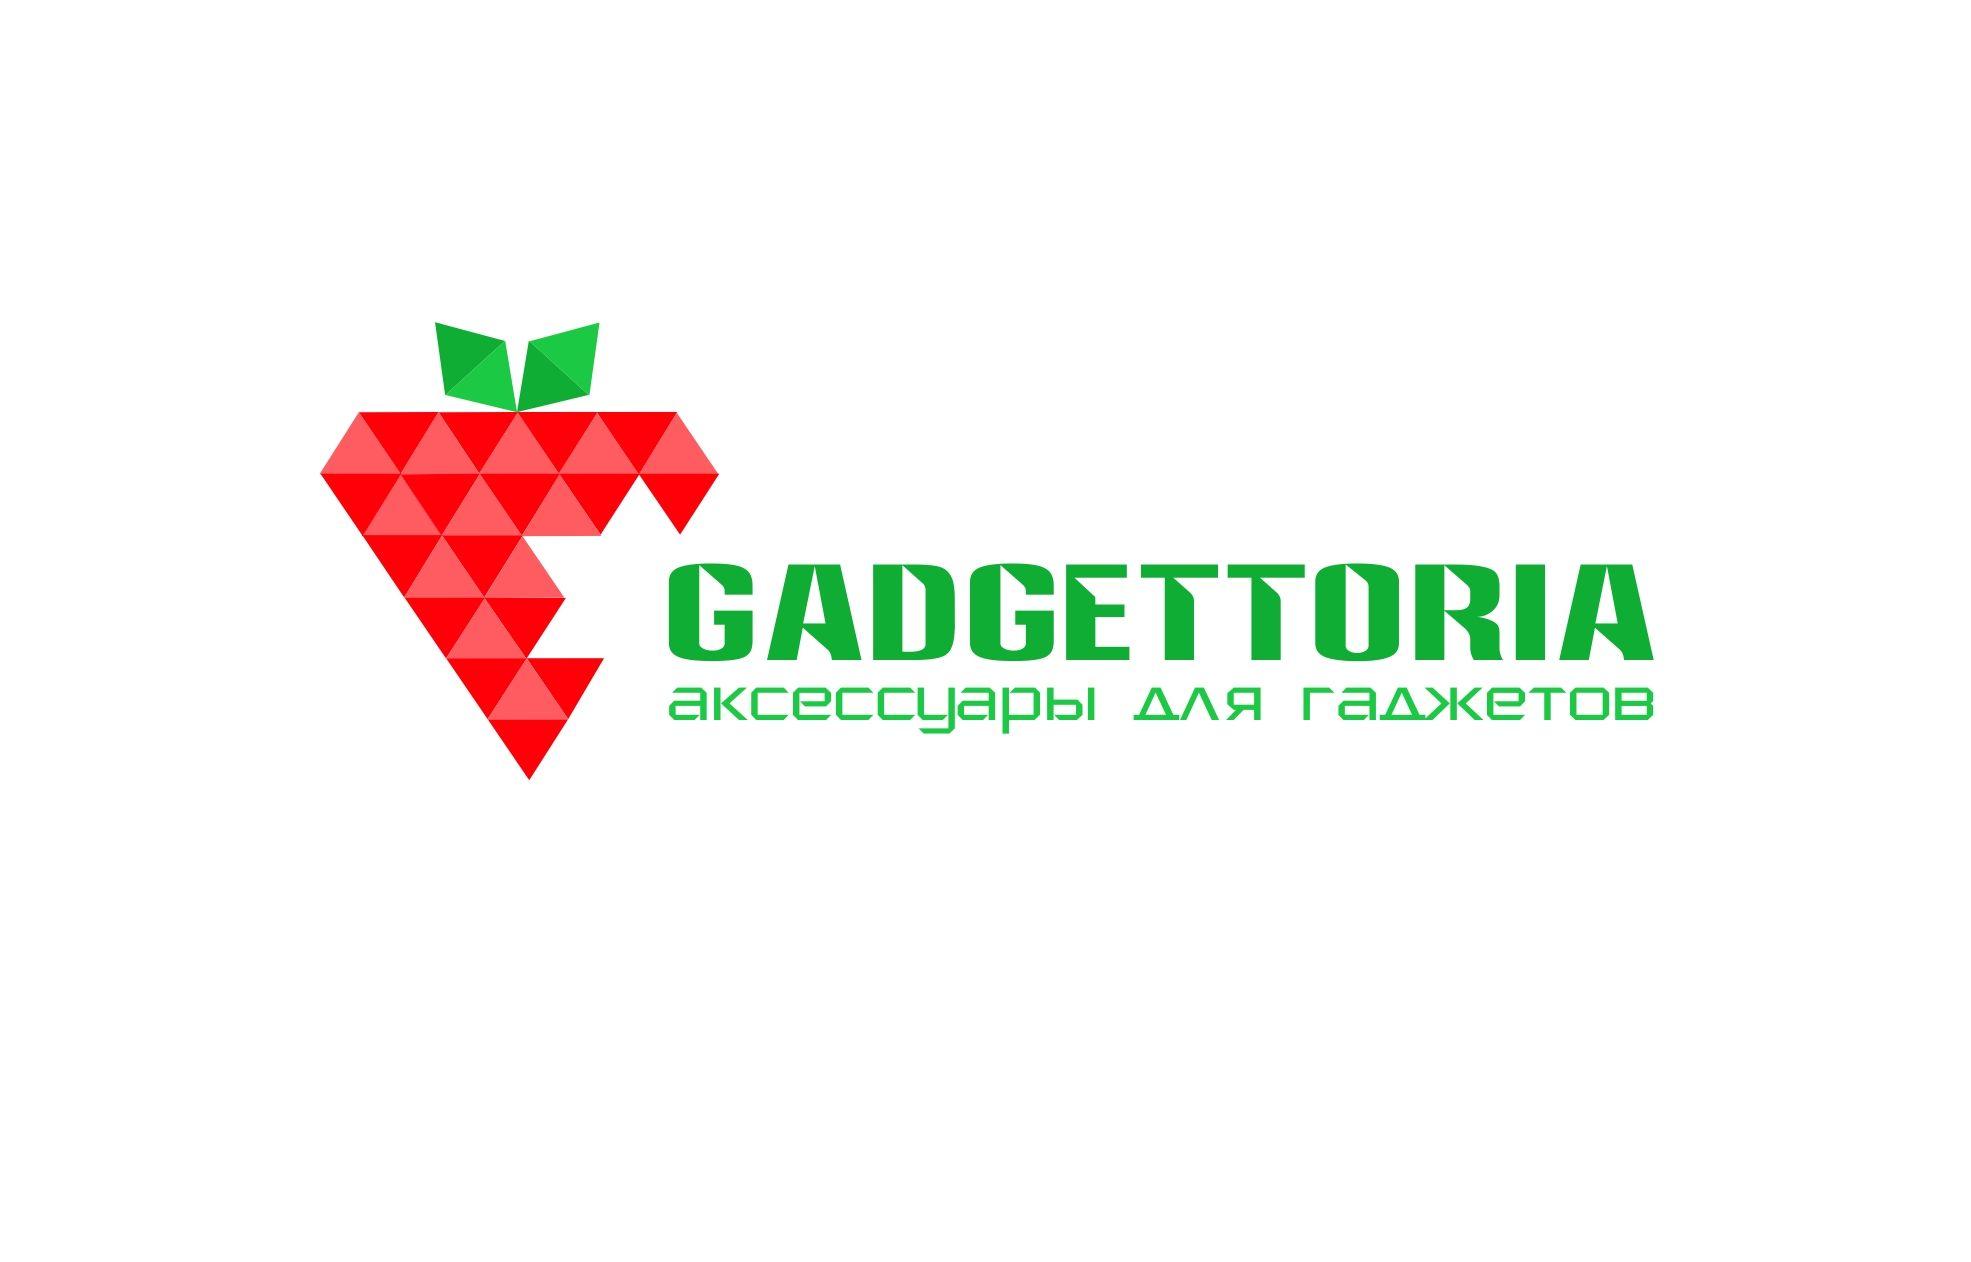 Логотип магазина аксессуаров для гаджетов - дизайнер oksana123456